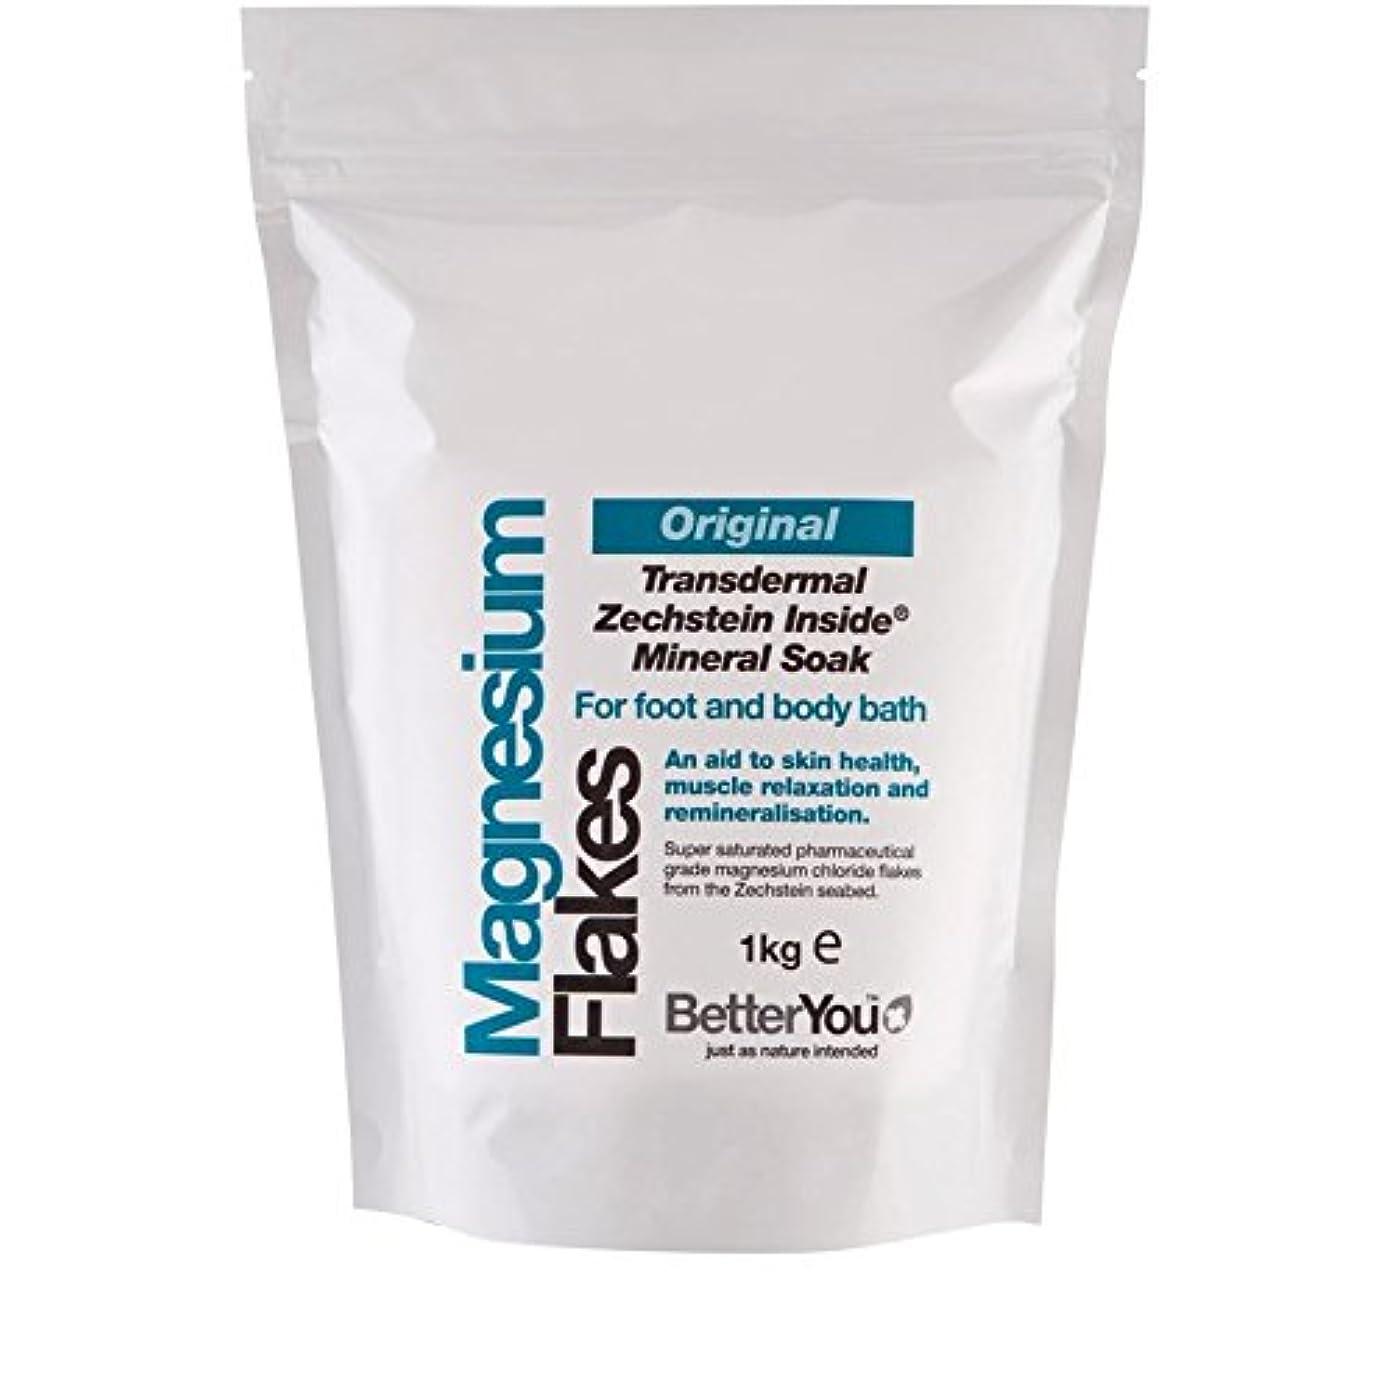 ジムゲージ味より良いあなたマグネシウムフレーク元1キロ x2 - Better you Magnesium Flakes Original 1kg (Pack of 2) [並行輸入品]